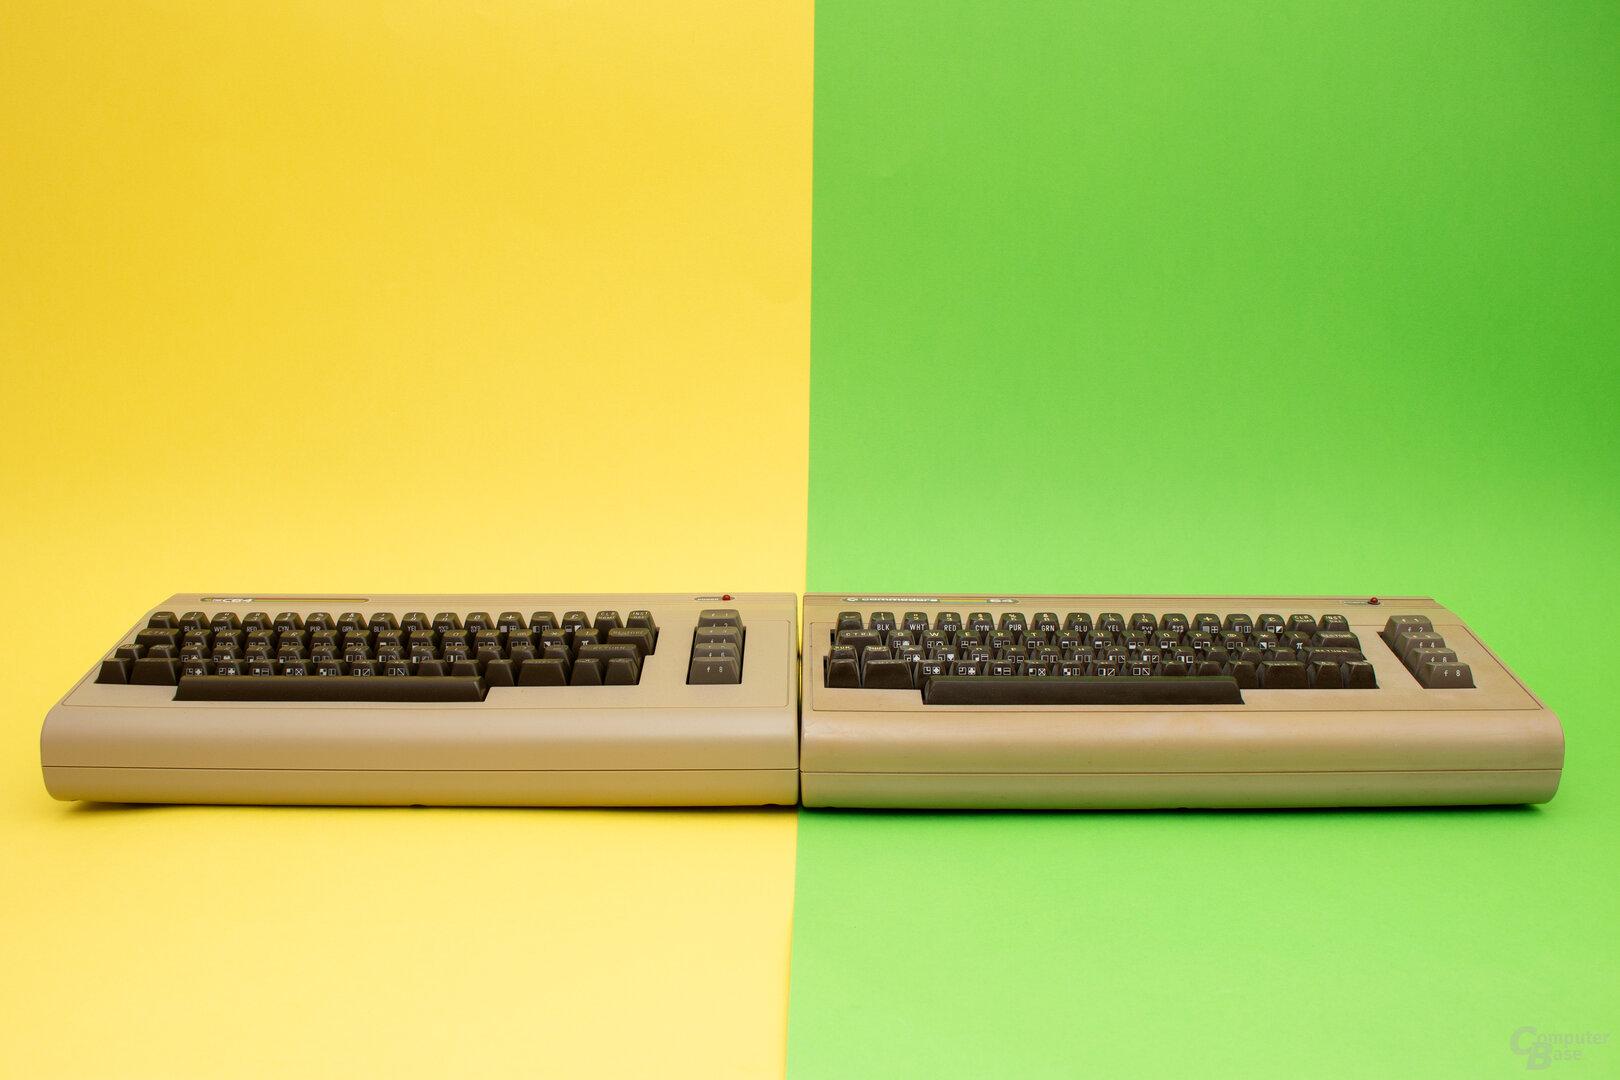 Der TheC64 (links) und das Original (rechts)